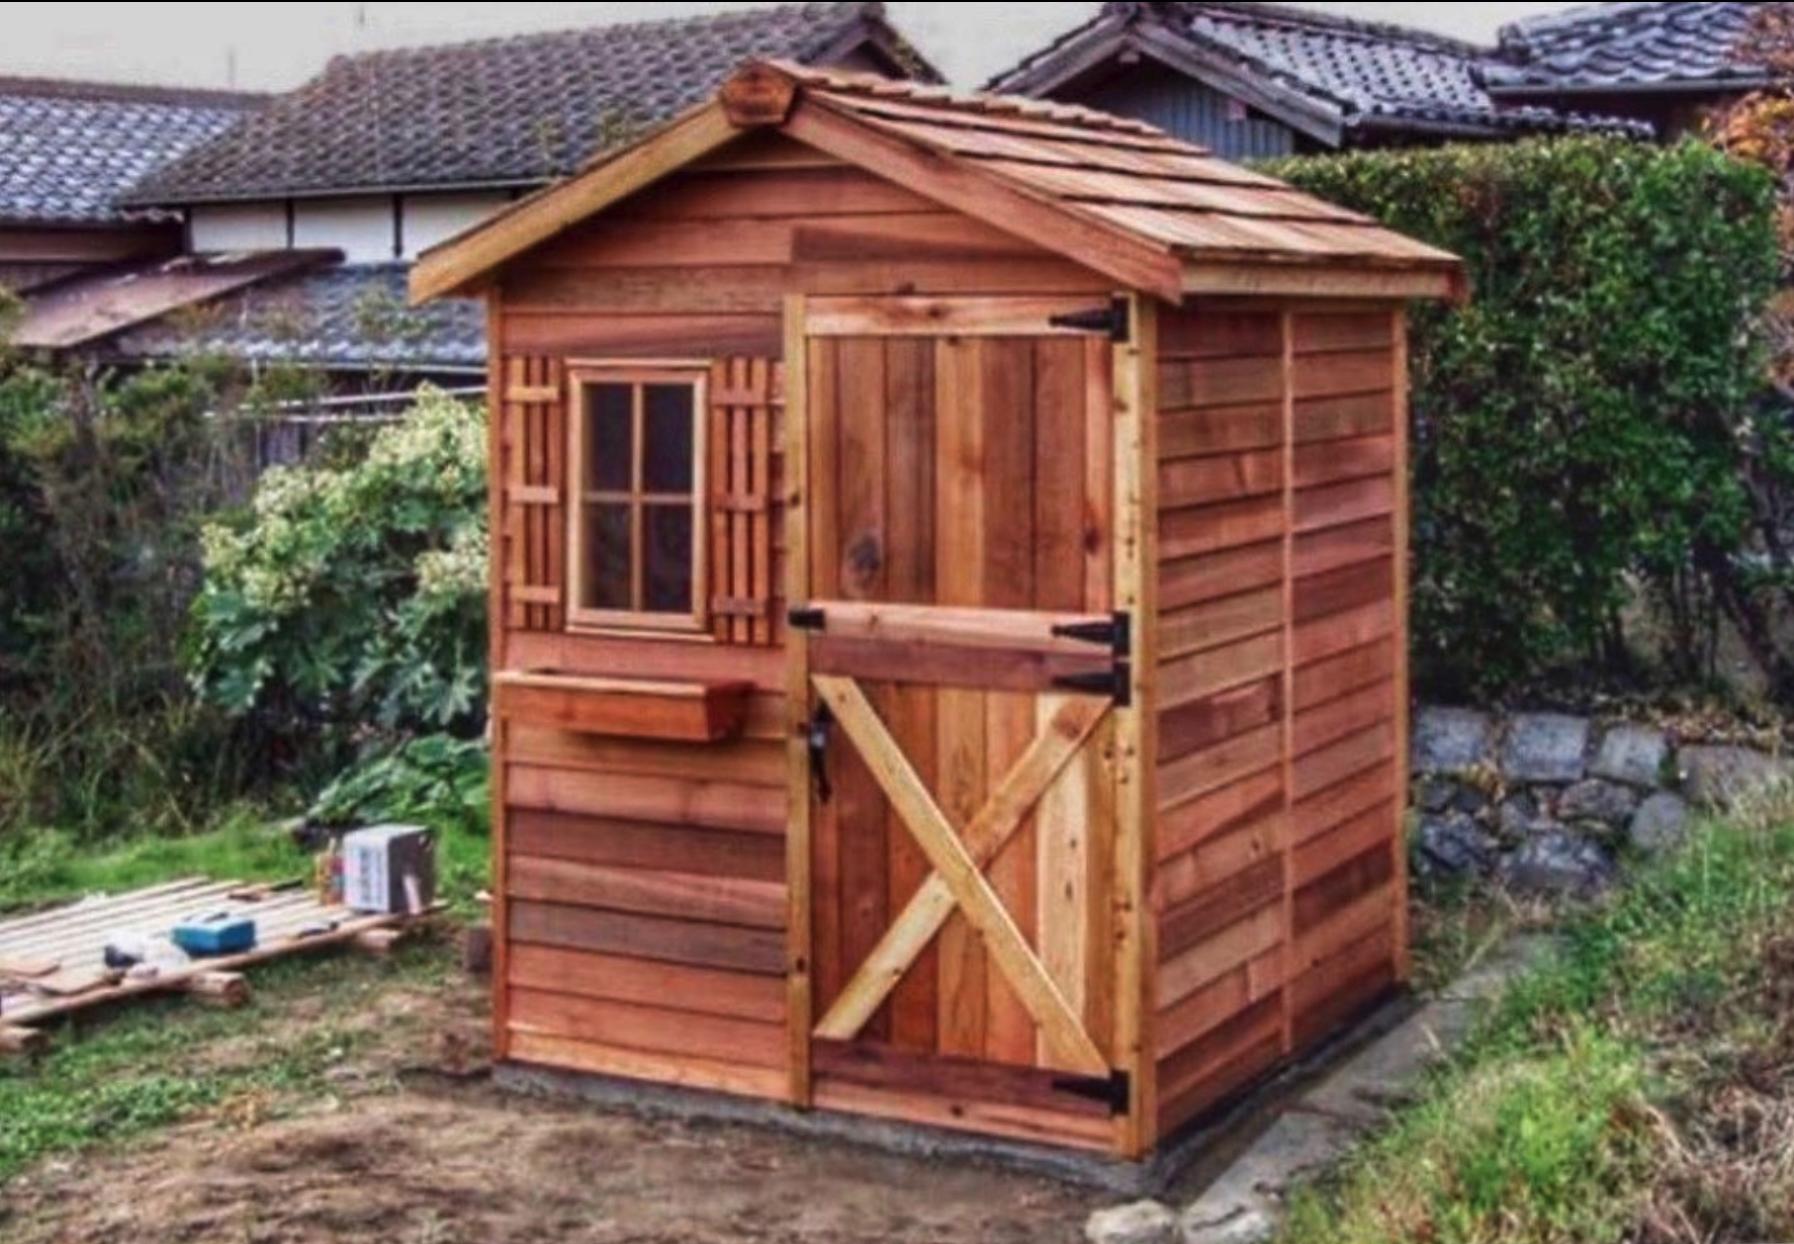 Backyard Sheds In 2020 Garden Shed Kits Cedar Shed Backyard Sheds